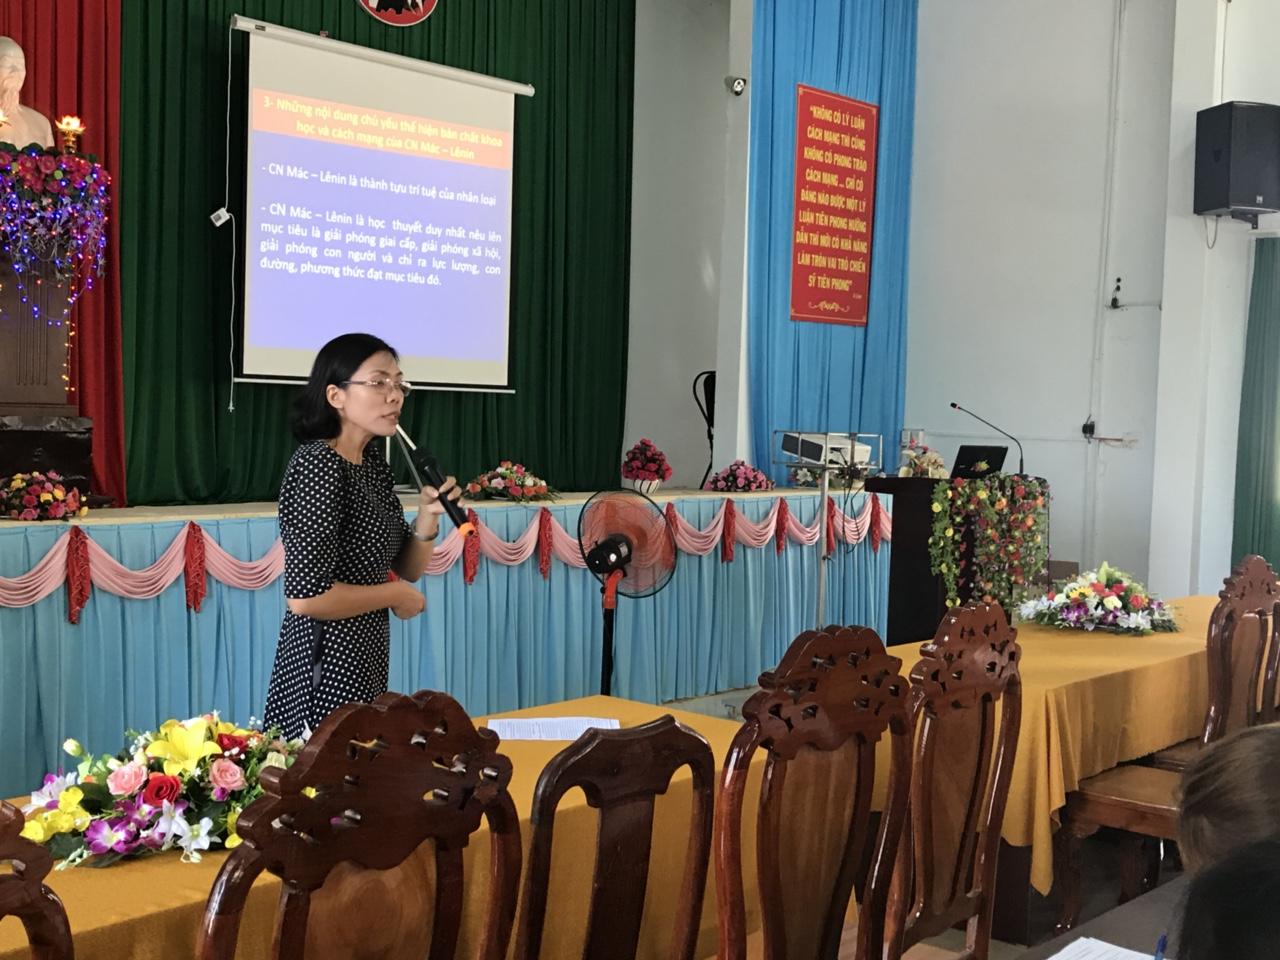 Huyện Lắk khai mạc lớp bồi dưỡng lý luận chính trị  và nghiệp vụ dành cho cán bộ Hội LHPN ở cơ sở năm 2018